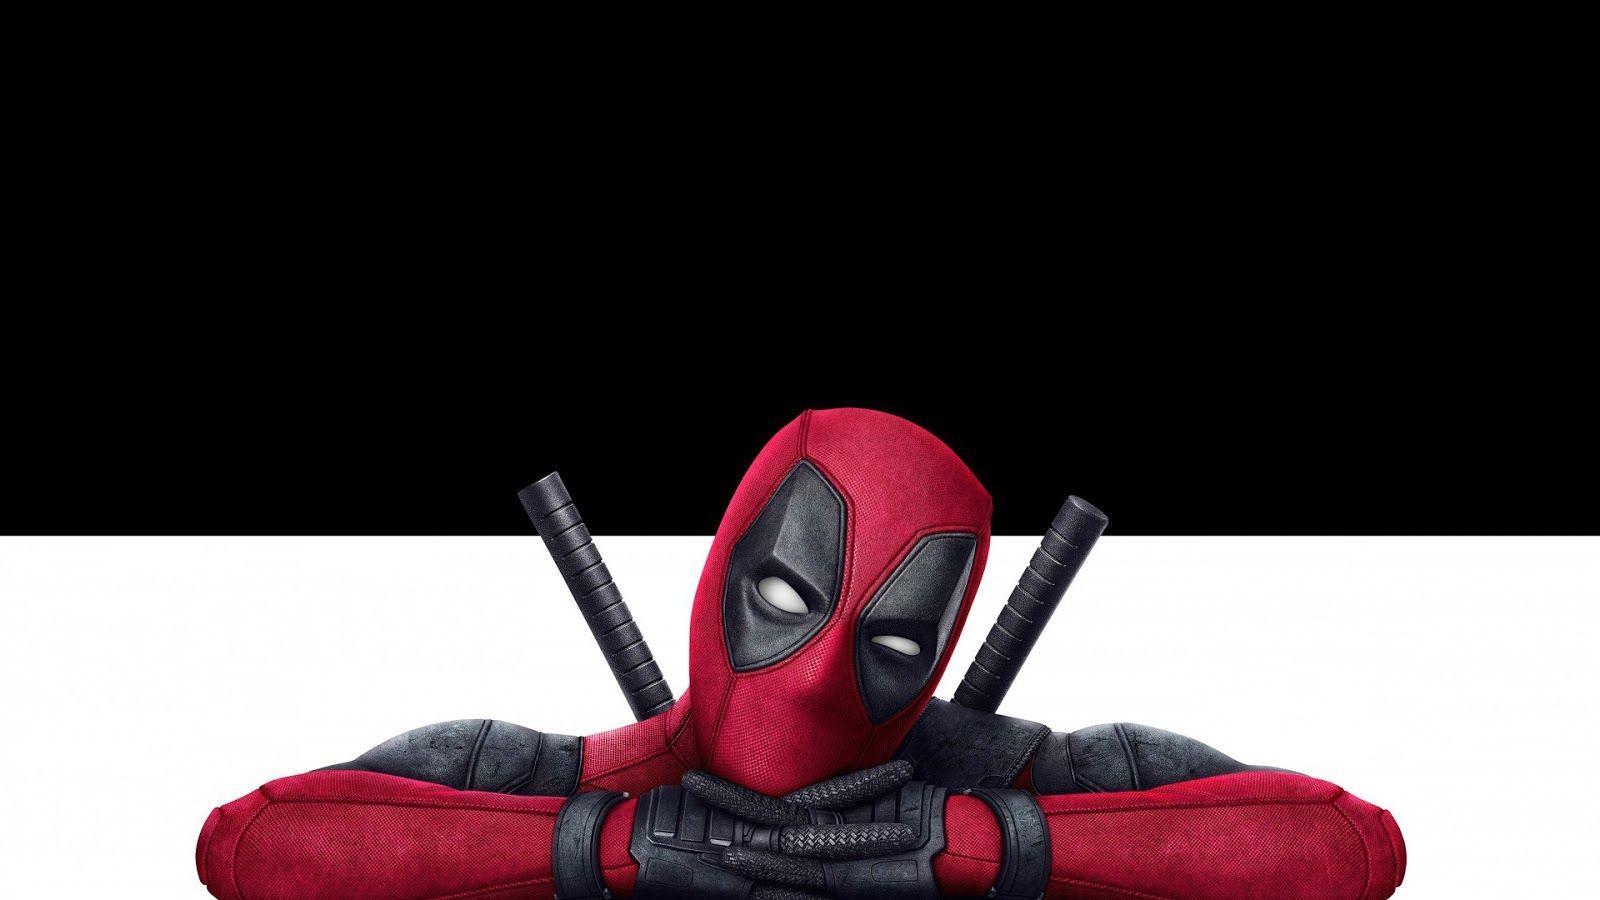 Wallpaper For Pc Deadpool